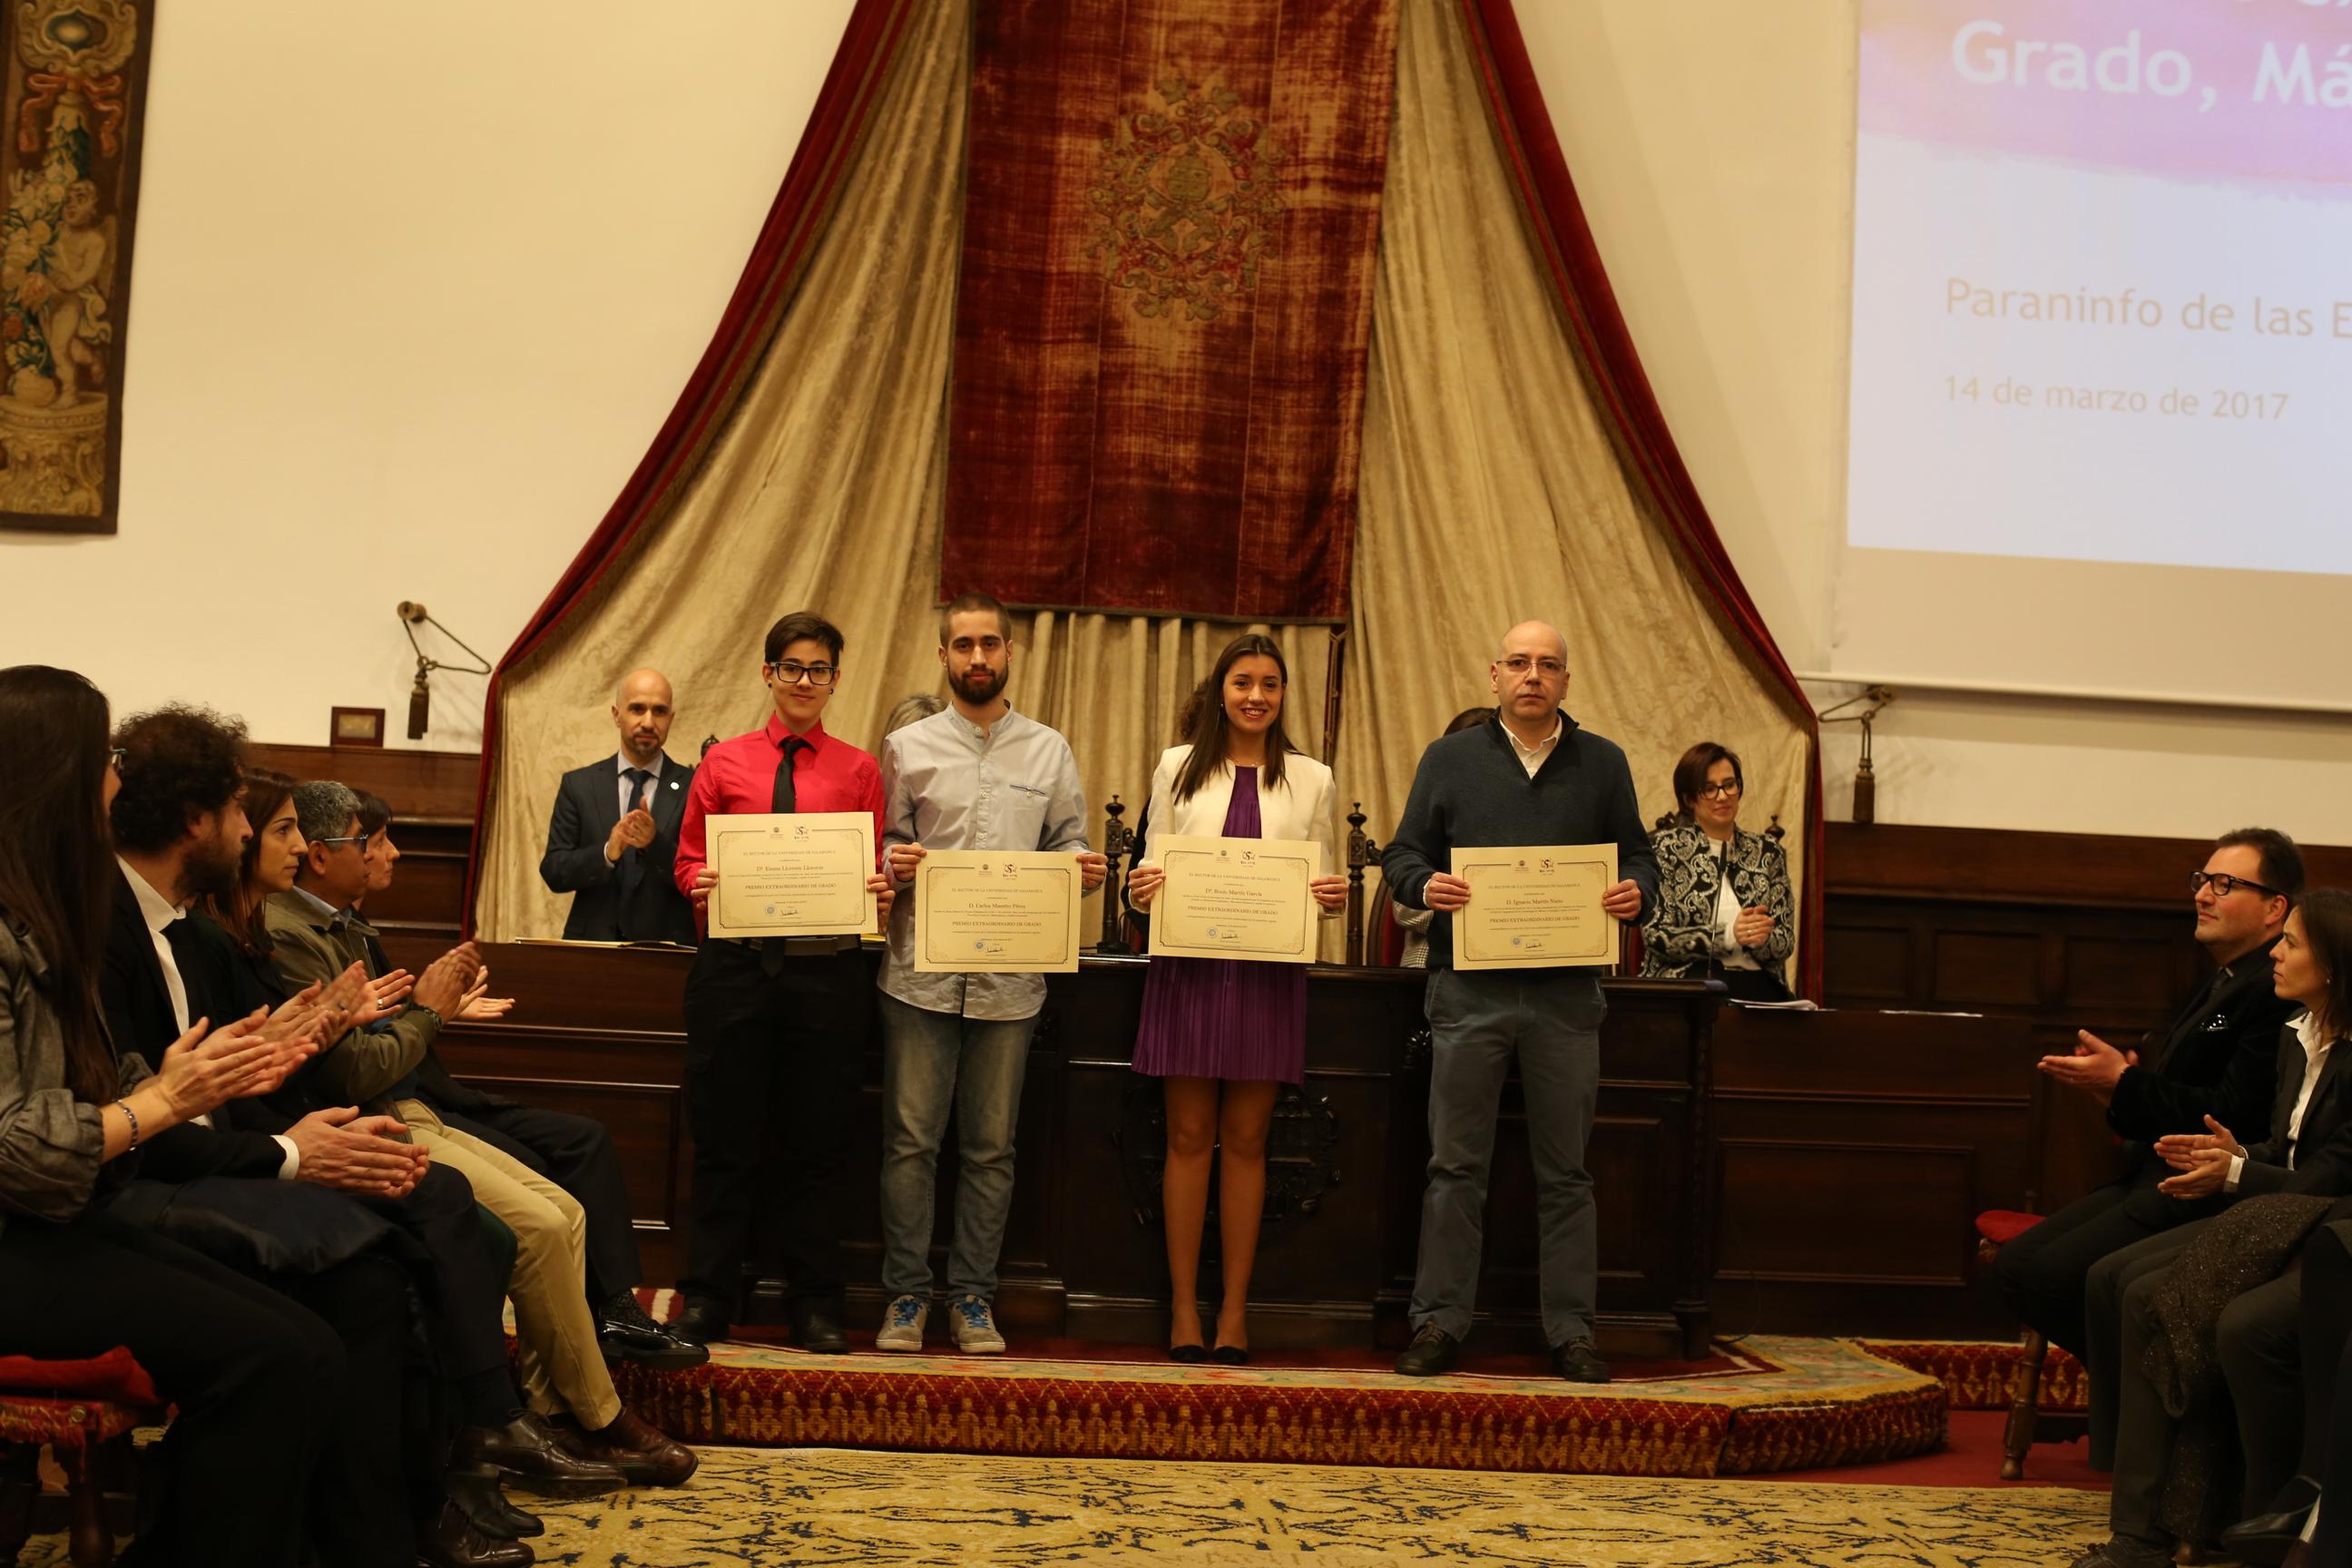 Fotografía de Premio Extraordinario de Grado y de Grado de Salamanca 9